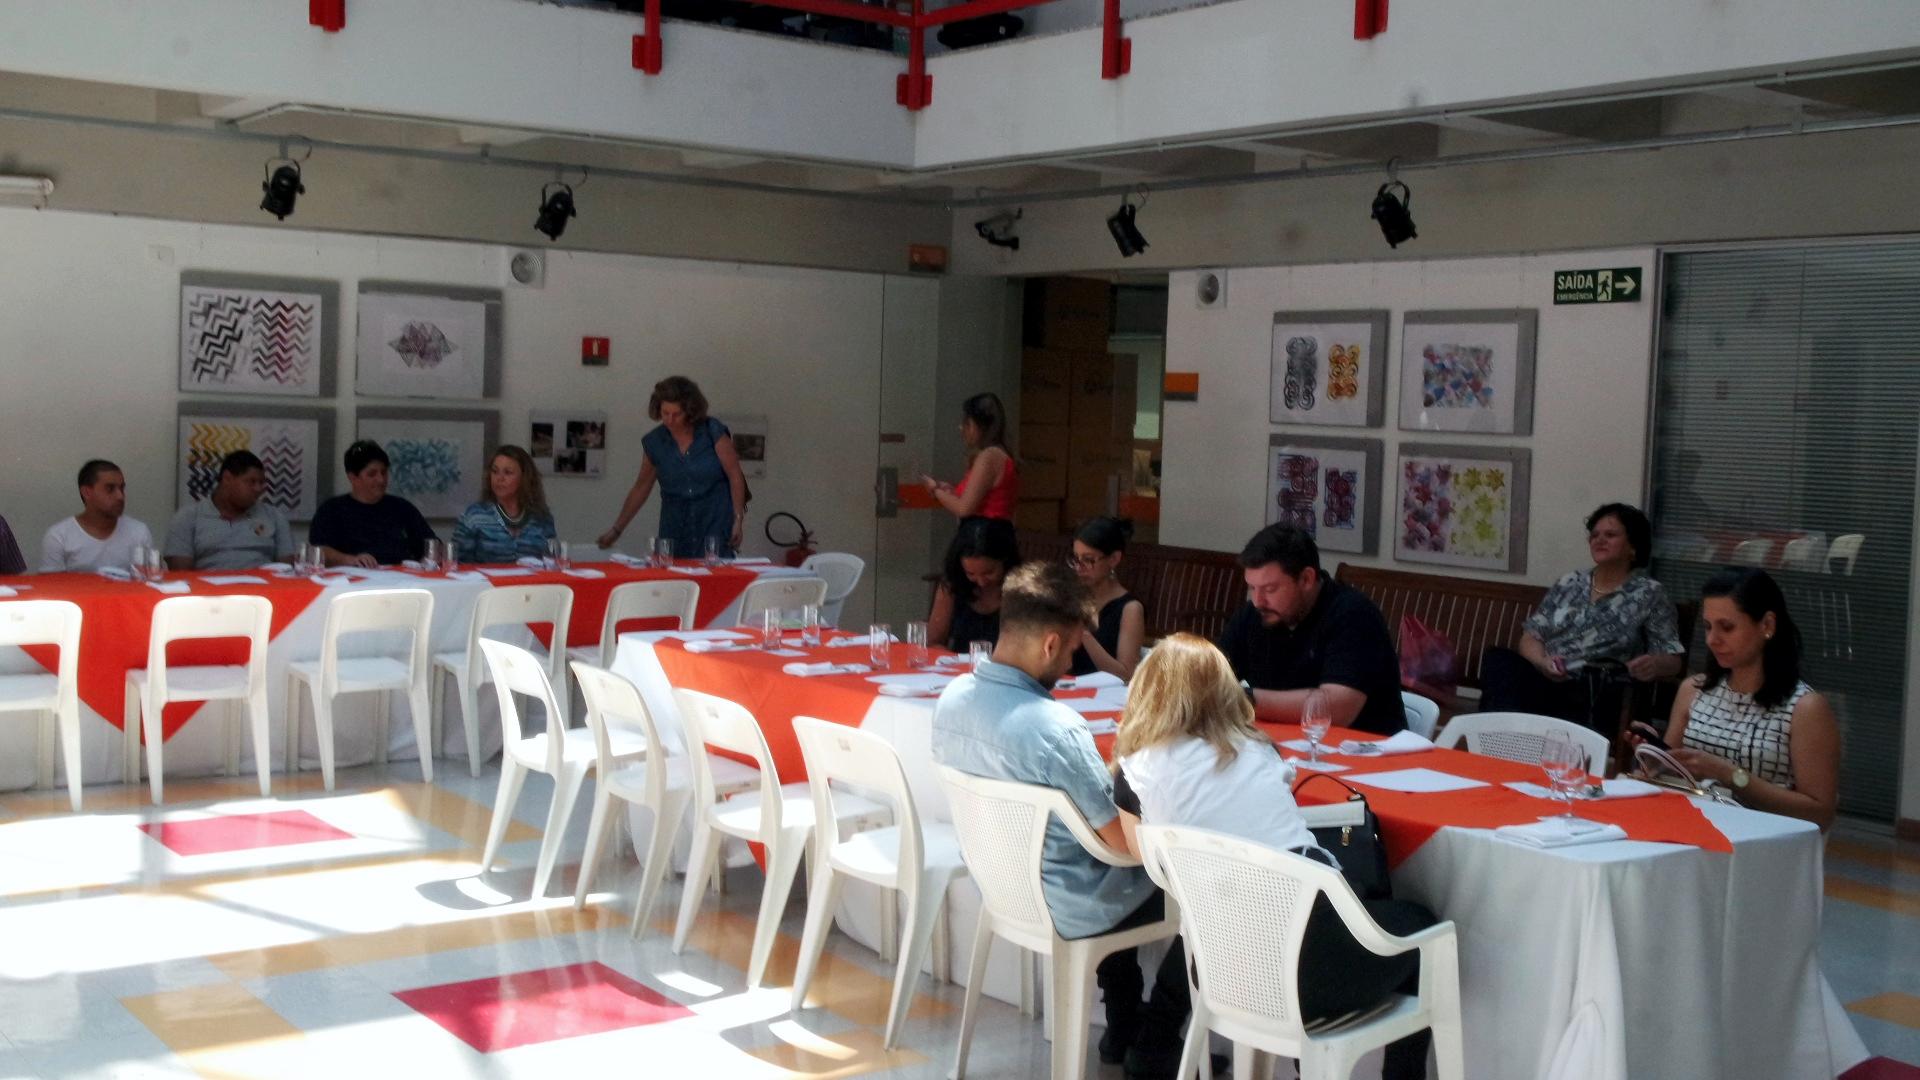 Convidados chegando no almoço